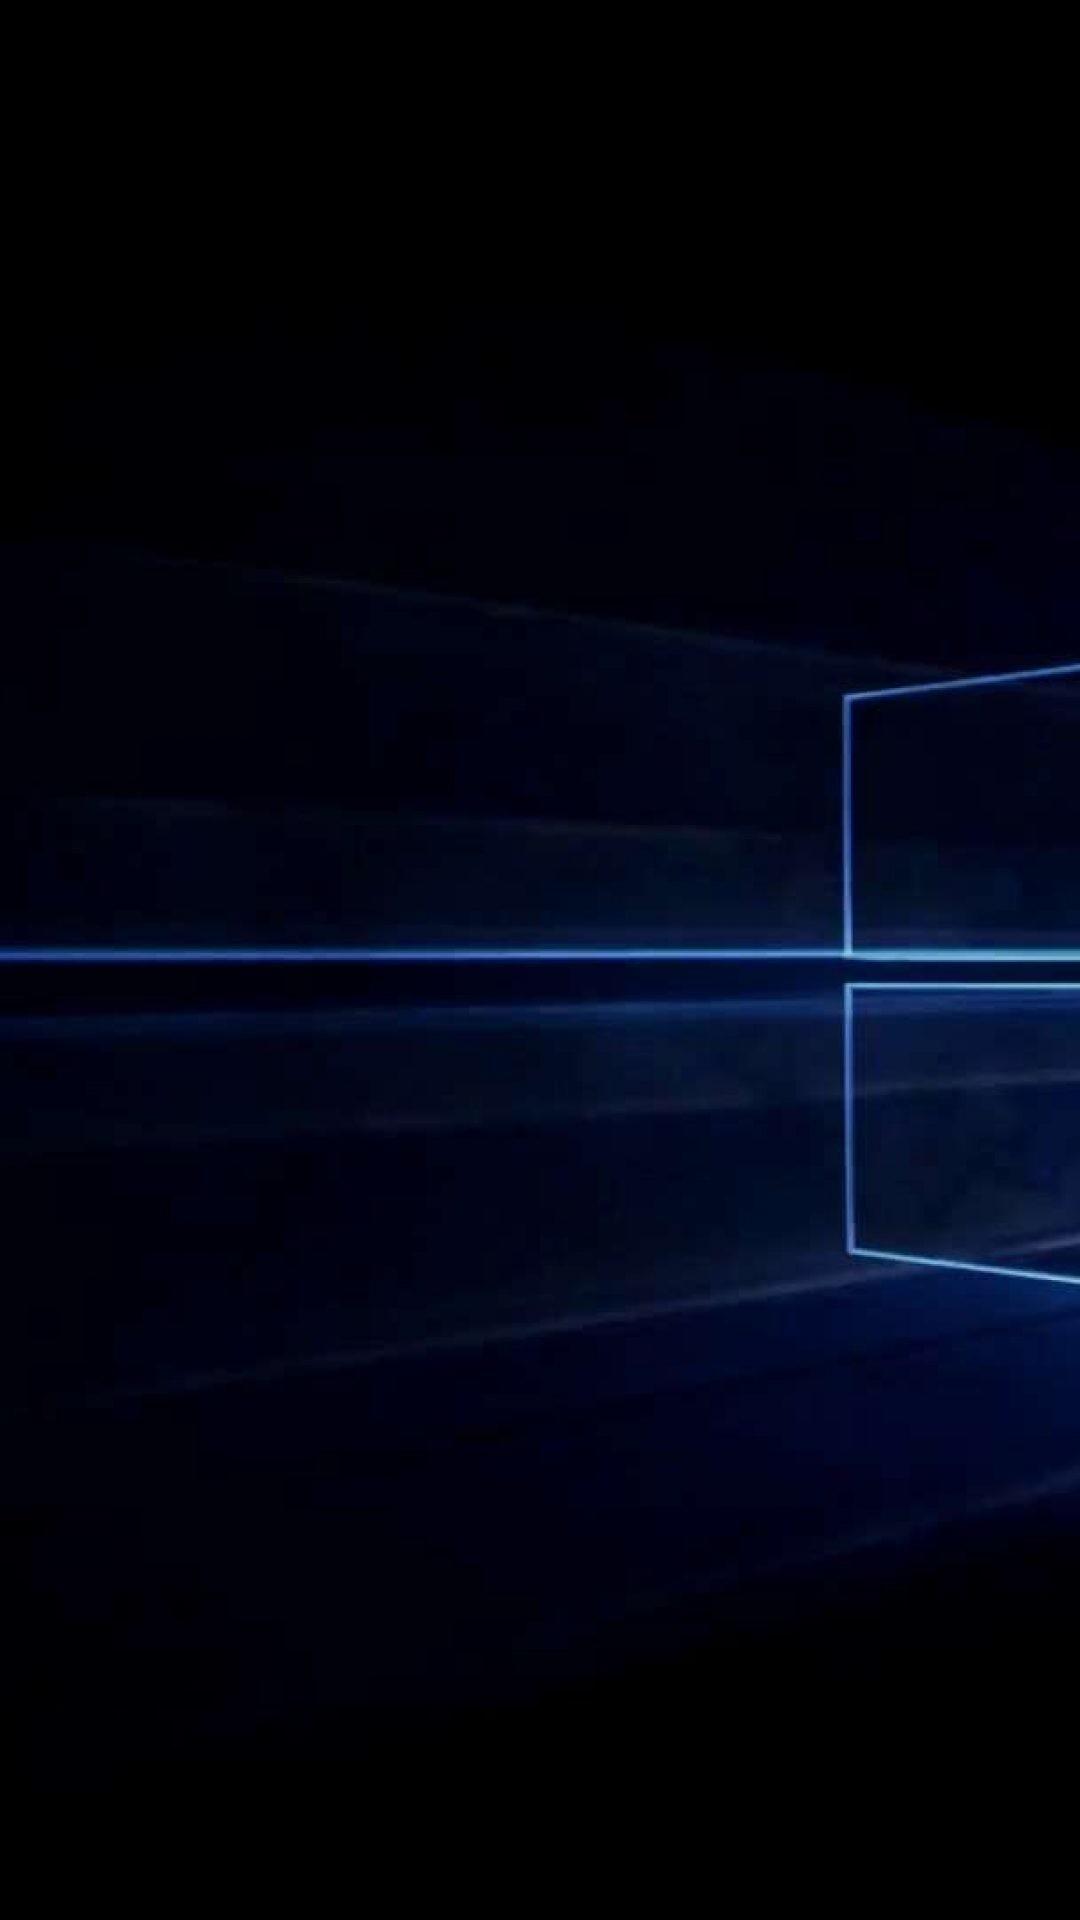 Latest Hd Desktop Wallpapers Windows 10